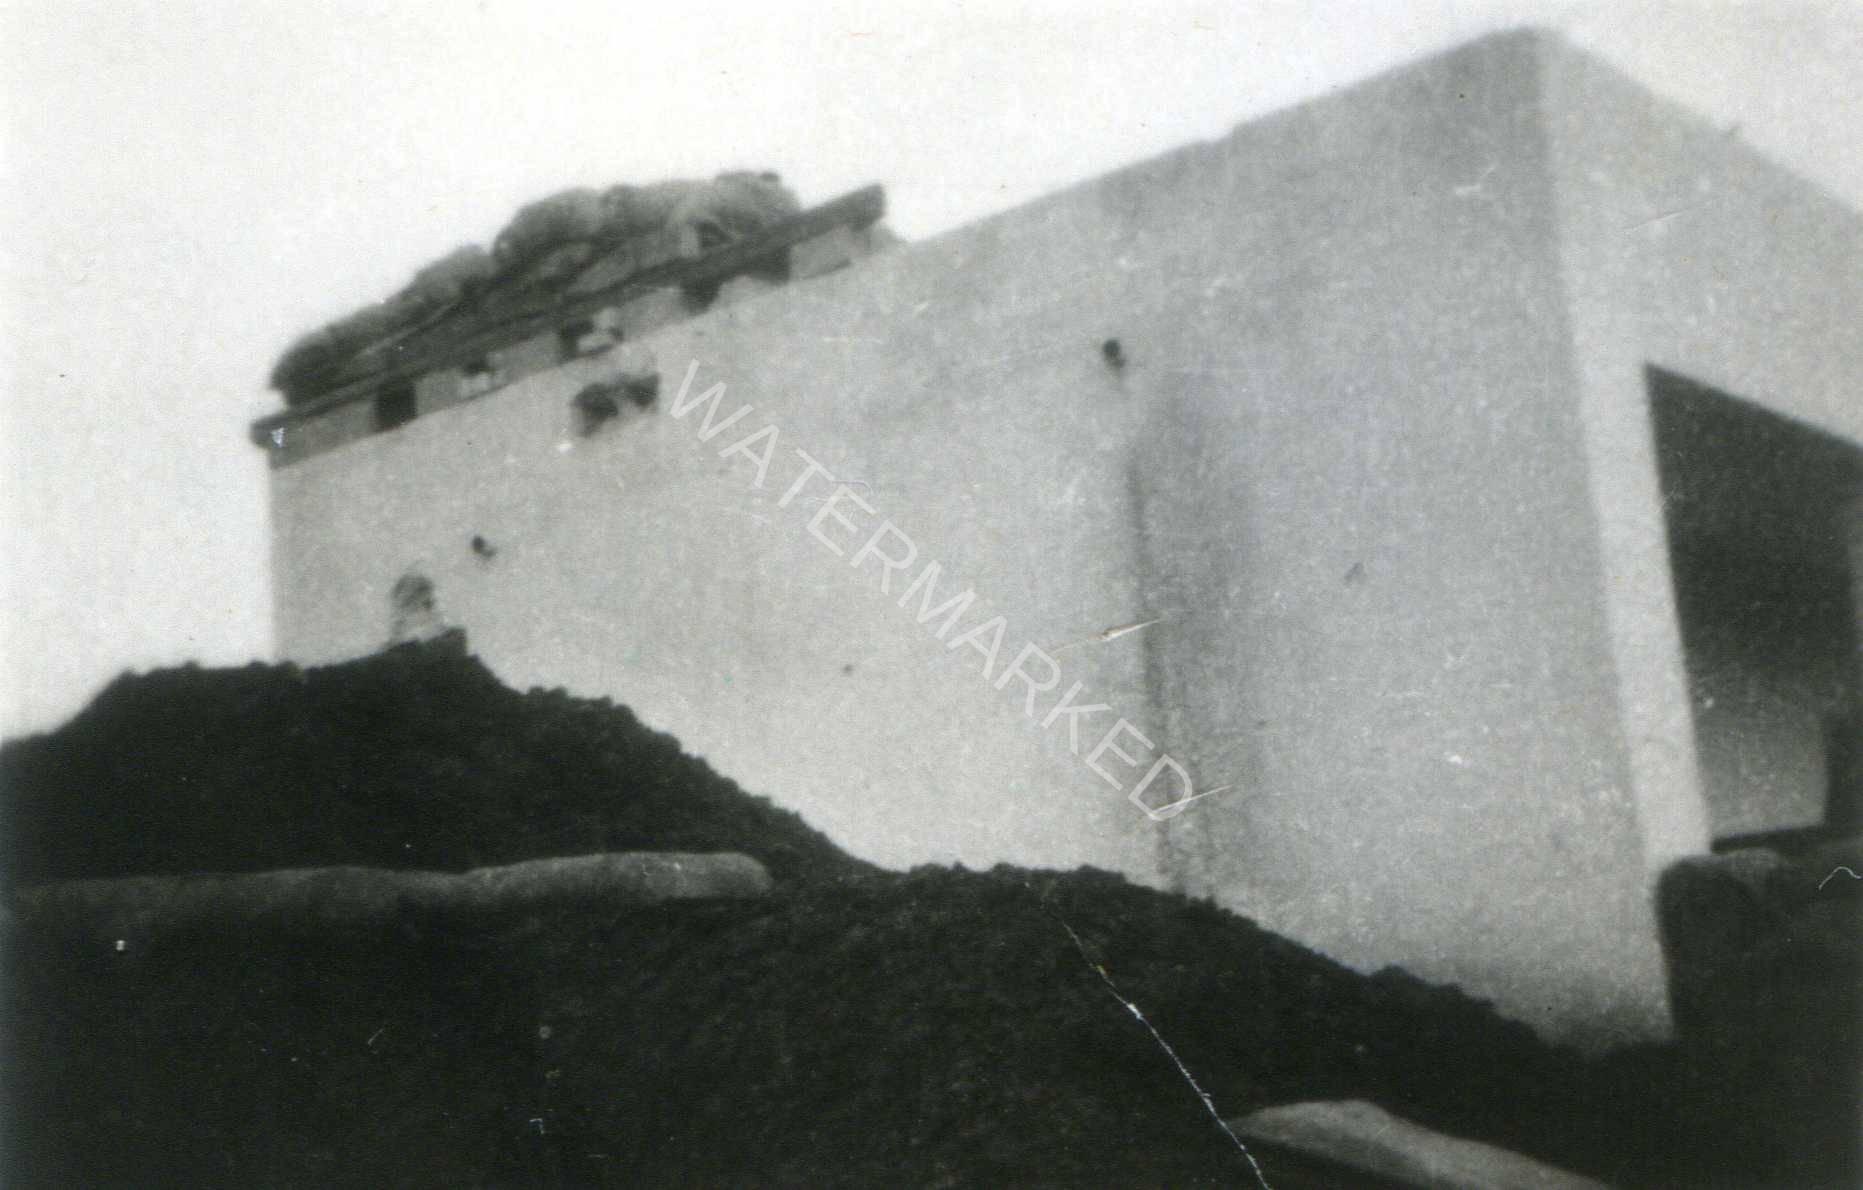 קרבות טירה - מחקר עומק